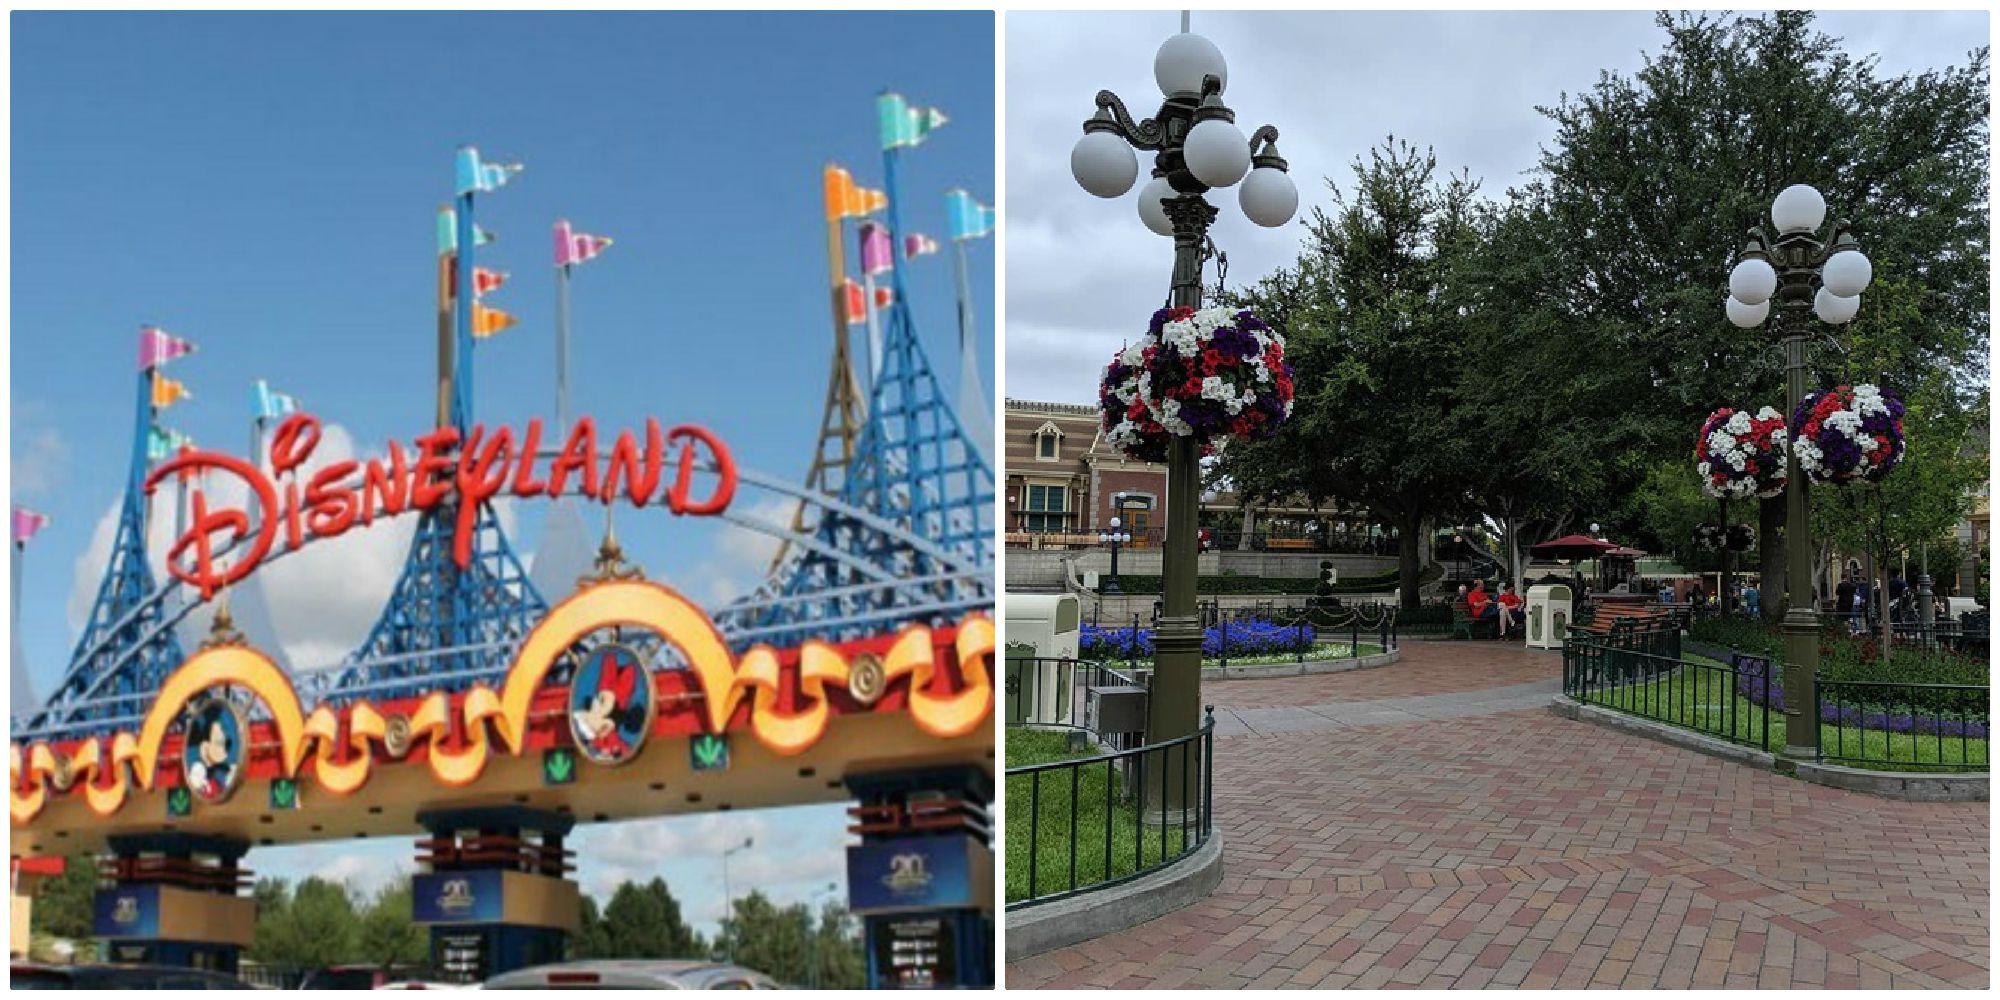 """Ngạc nhiên trước cảnh tượng """"vắng như chùa bà đanh"""" của công viên Disneyland nổi tiếng thế giới"""